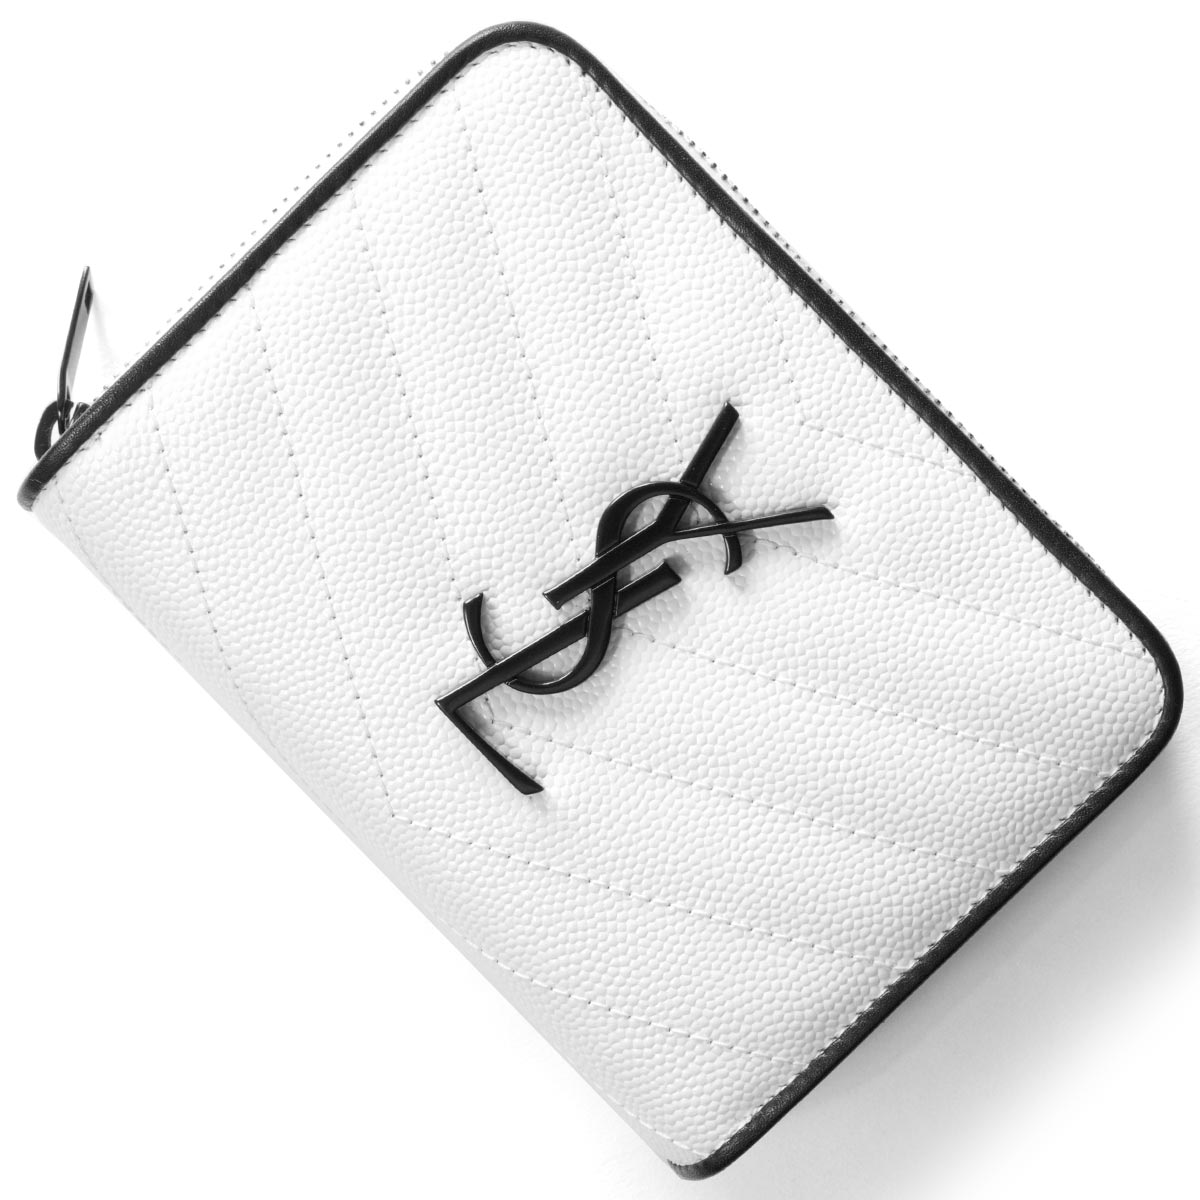 サンローランパリ イヴサンローラン 財布 二つ折り財布 財布 レディース モノグラム MONOGRAMME YSL ブランオプティックホワイト&ブラック 403723 BOWC8 9070 SAINT LAURENT PARIS